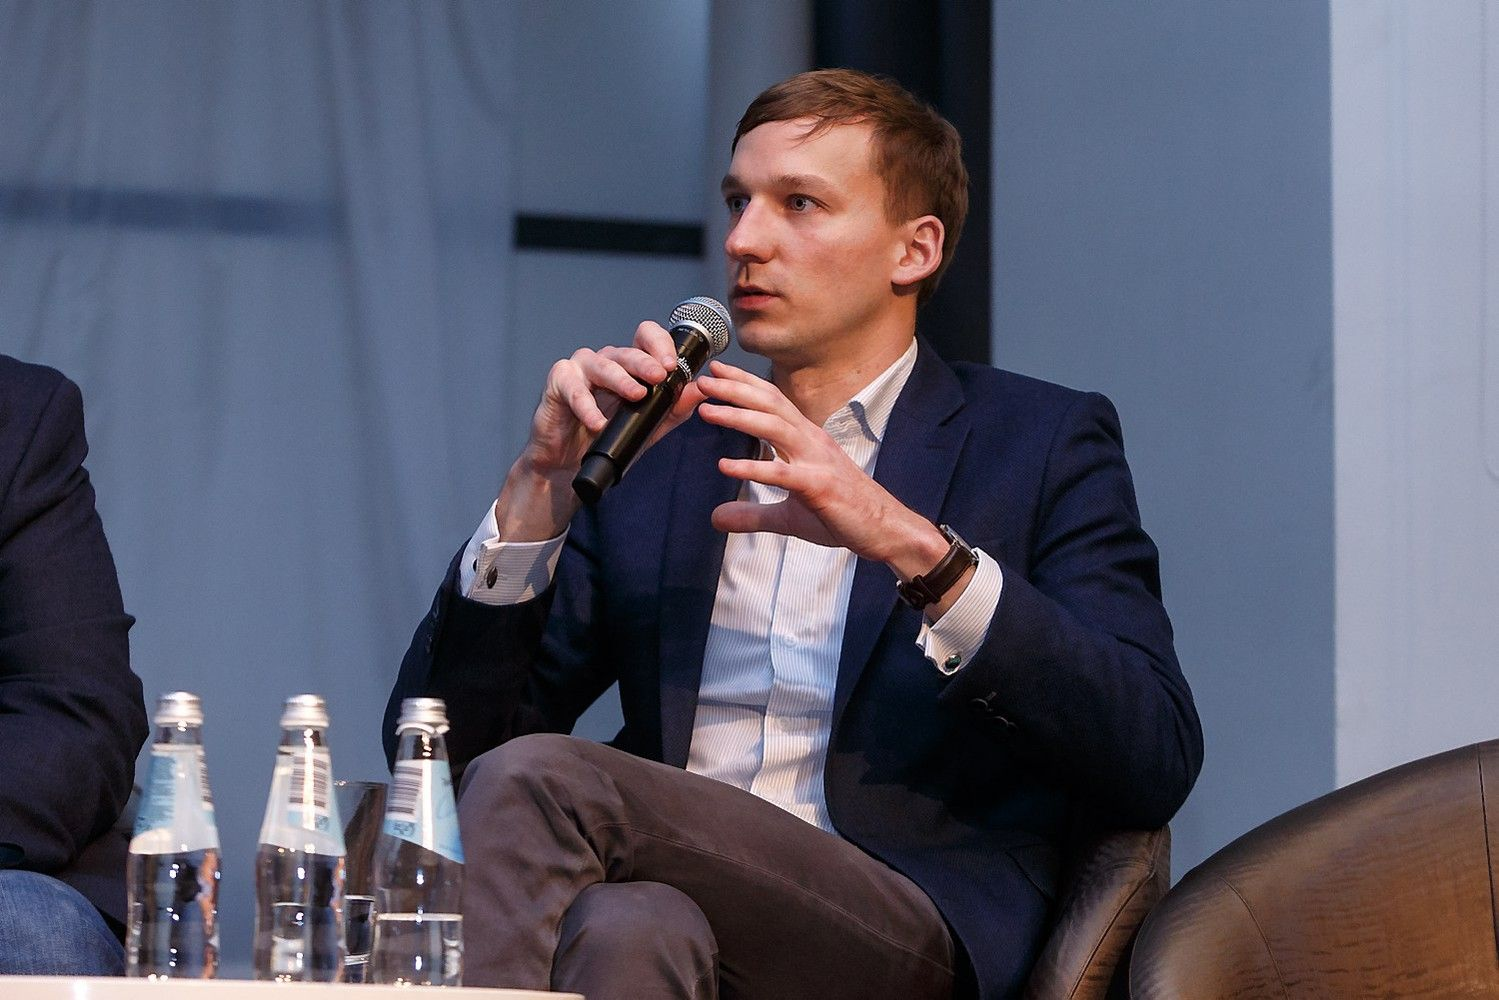 Dar du nauji dalyviai Lietuvos sutelktinio finansavimo rinkoje